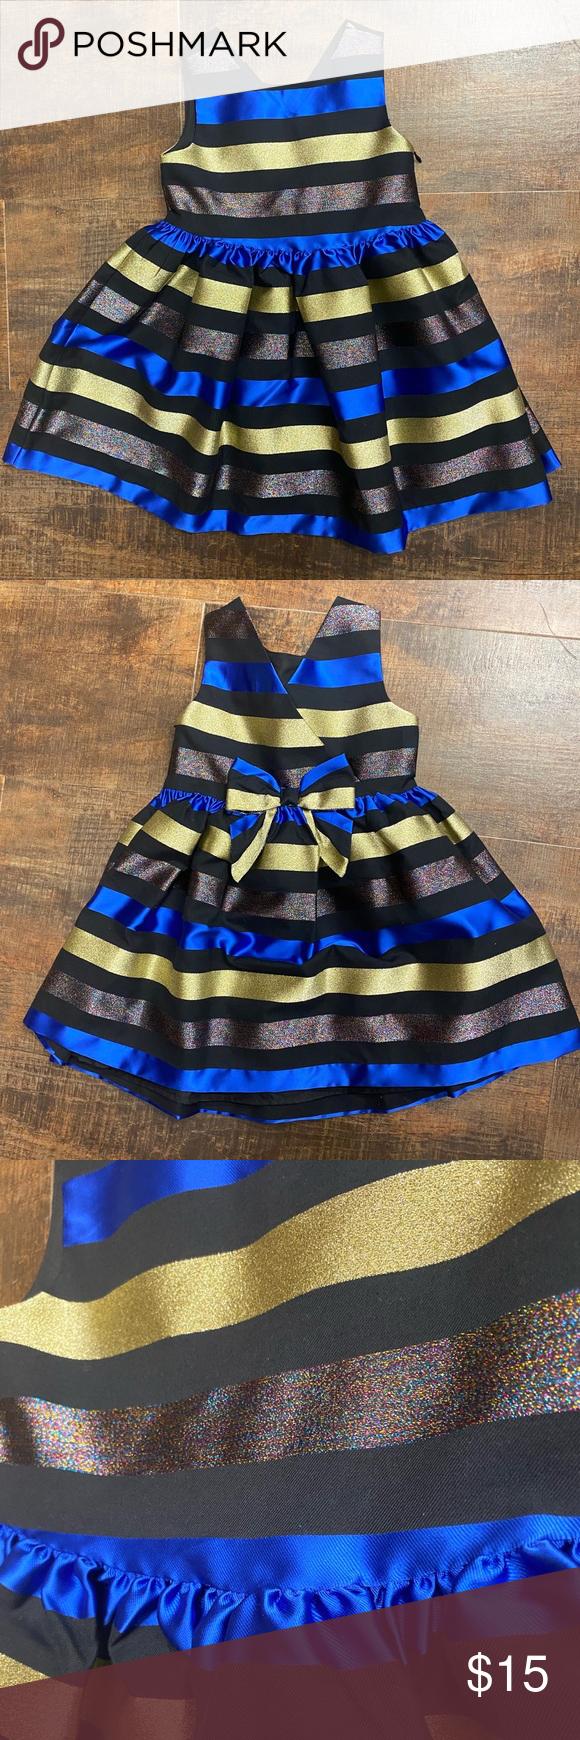 Gymboree Girls Party Dress Gymboree Girls Size 4t Party Dress Black Blue Gold And Multicolor Stripes Now In 2020 Girls Party Dress Gymboree Girl Gymboree Dresses [ 1740 x 580 Pixel ]